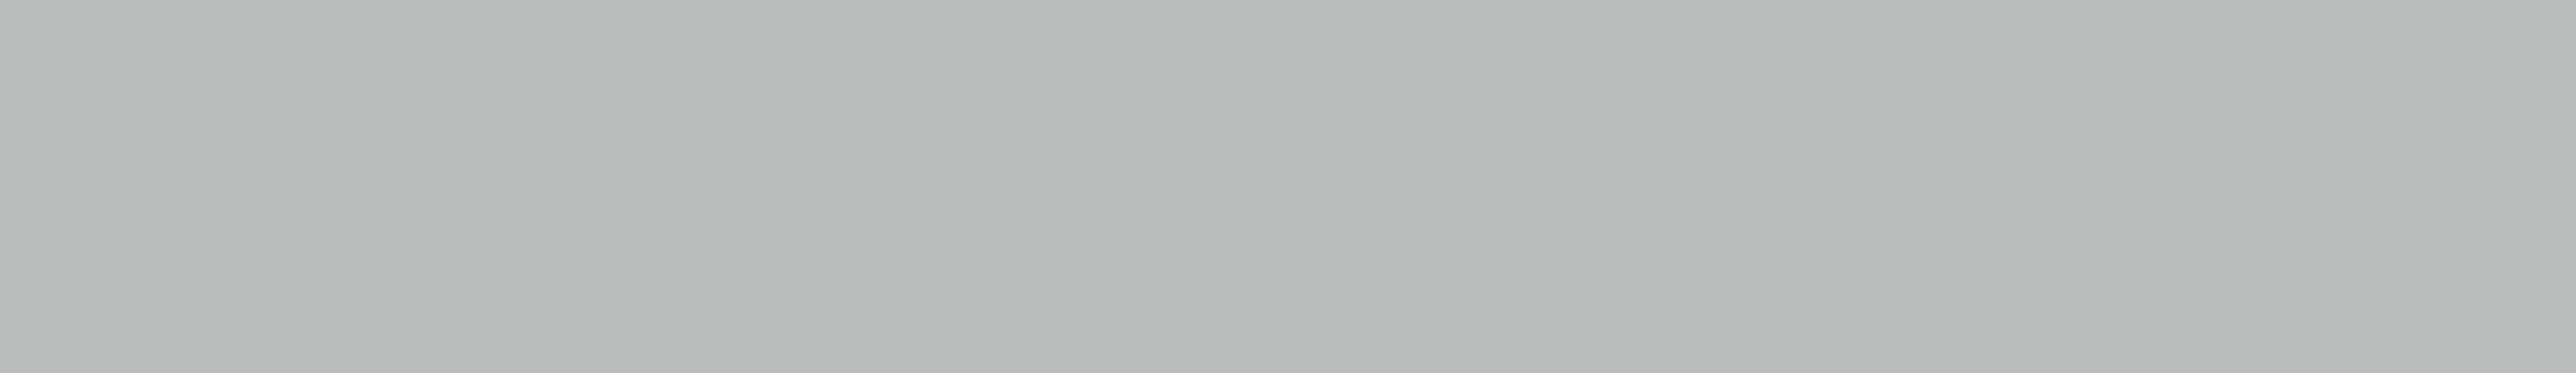 LiveBoard.com